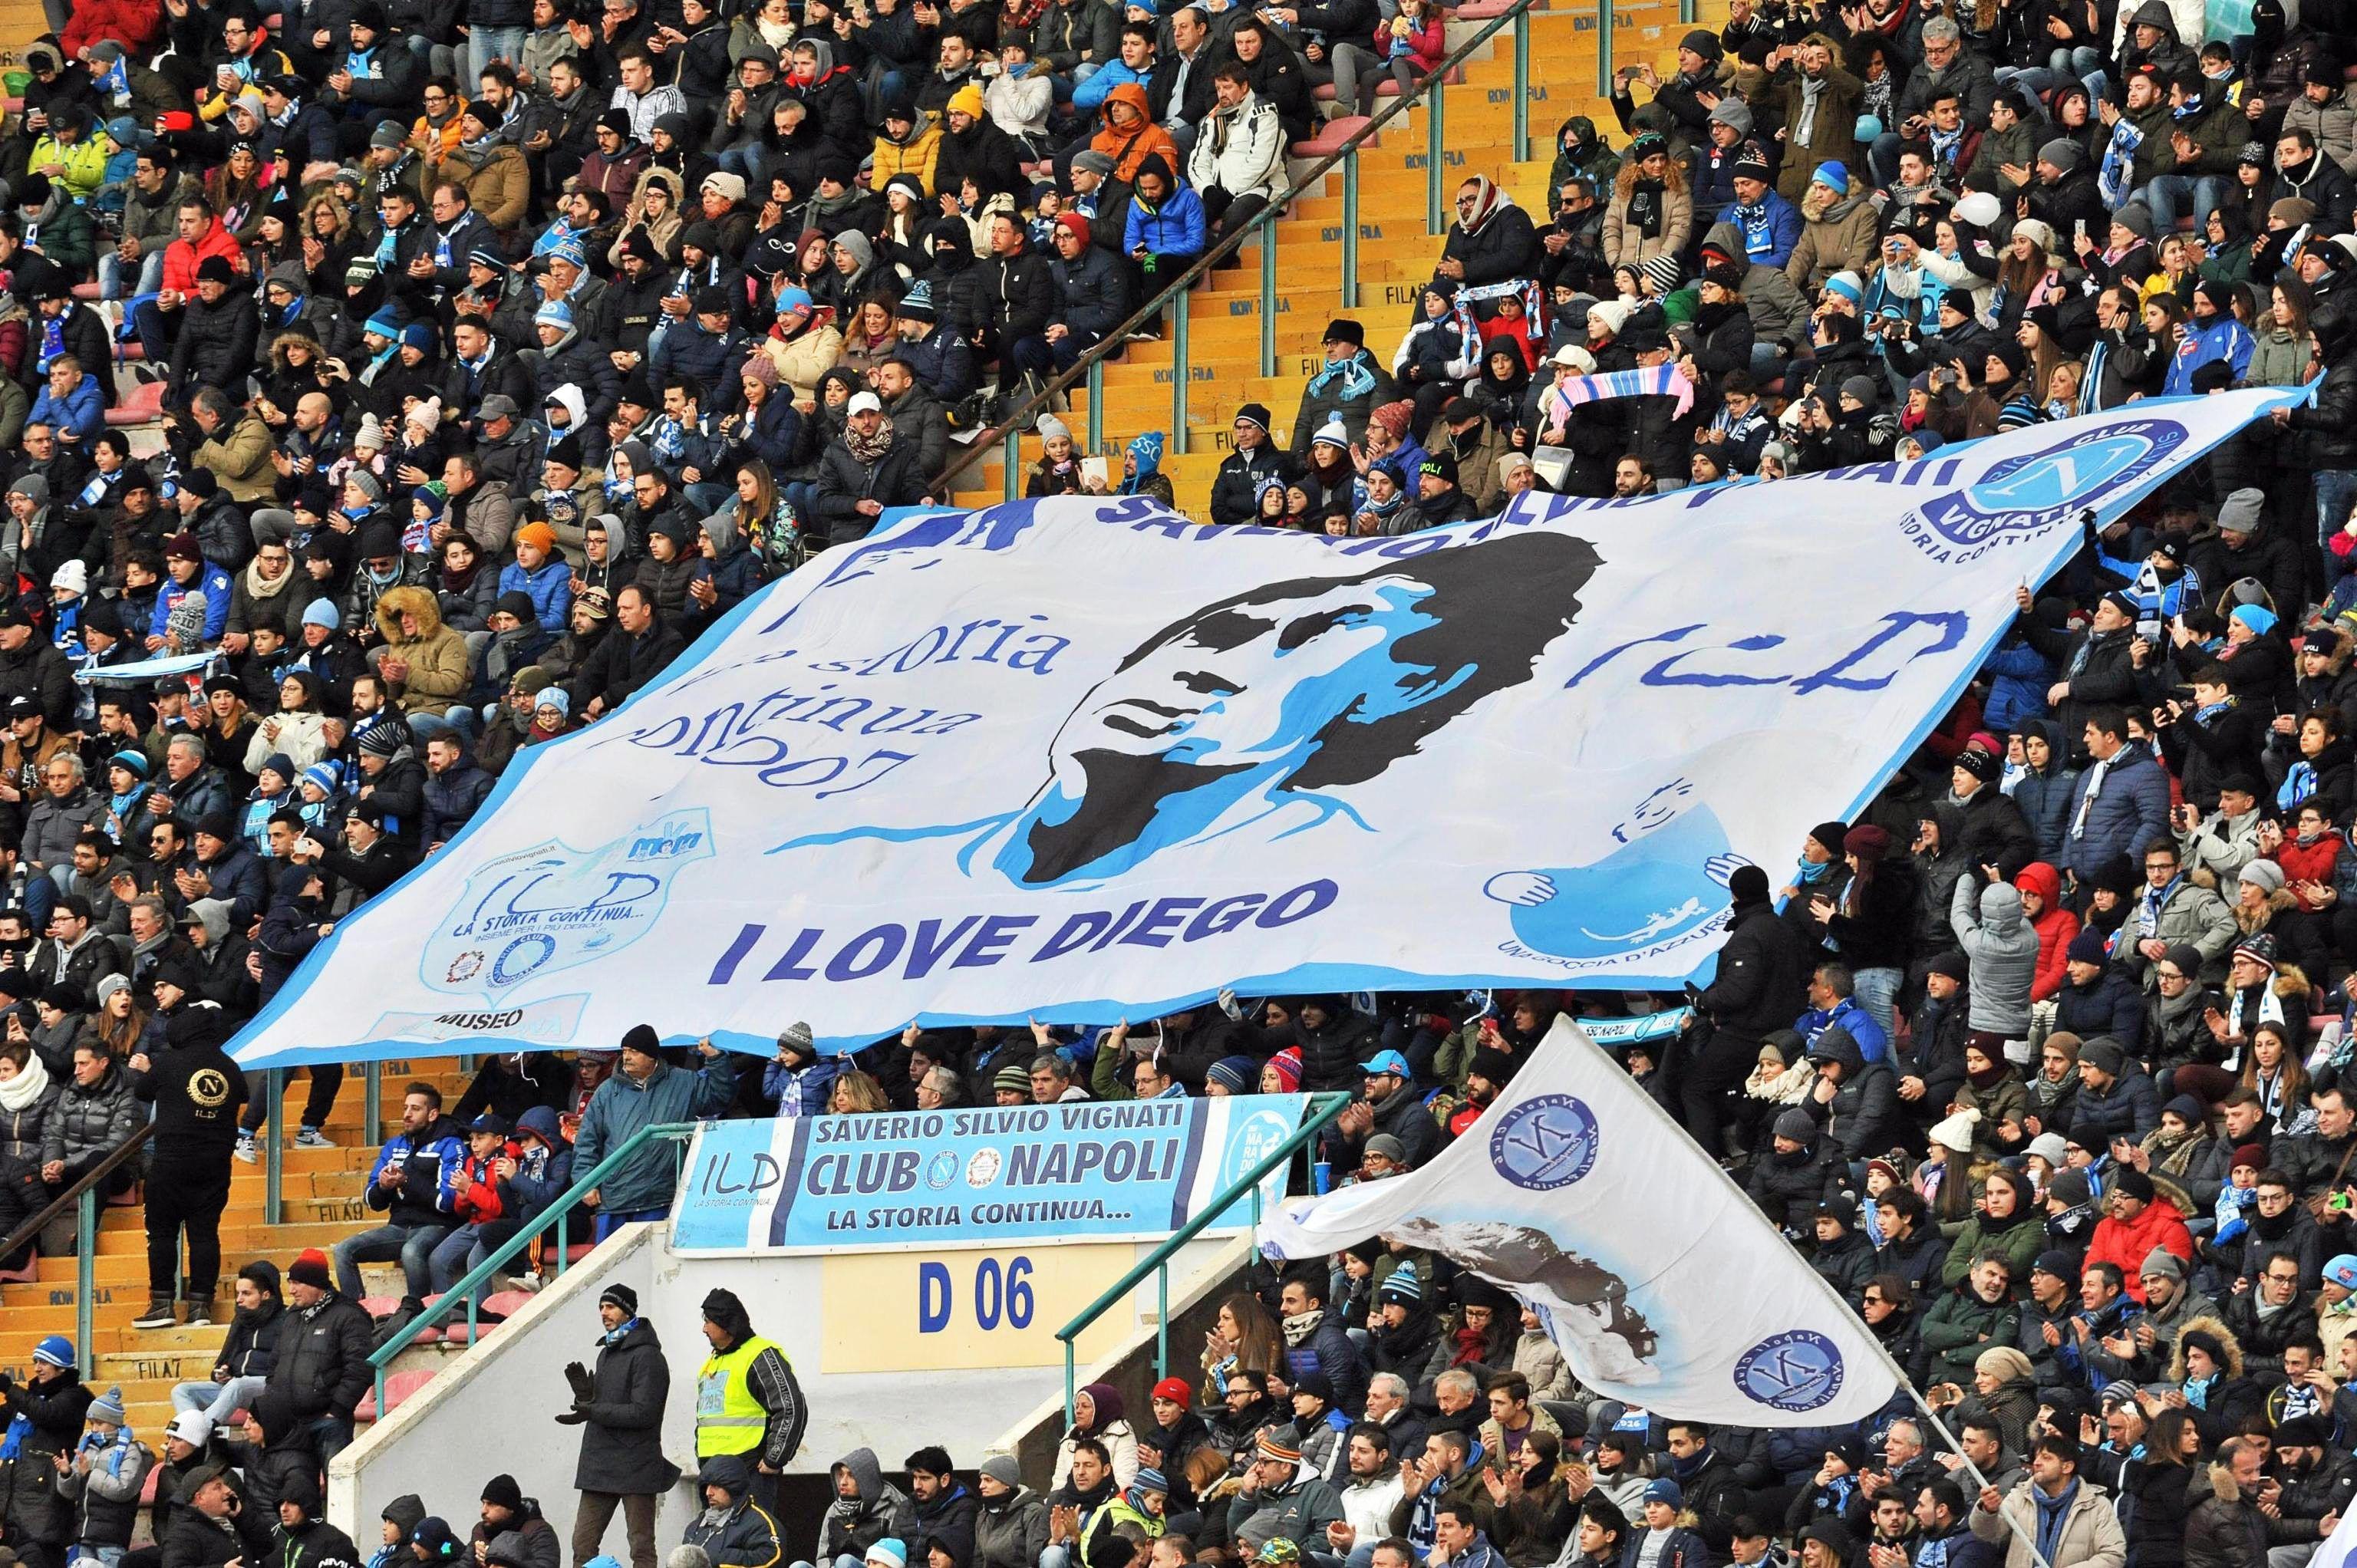 La hinchada del Nápoli y su amor a Maradona